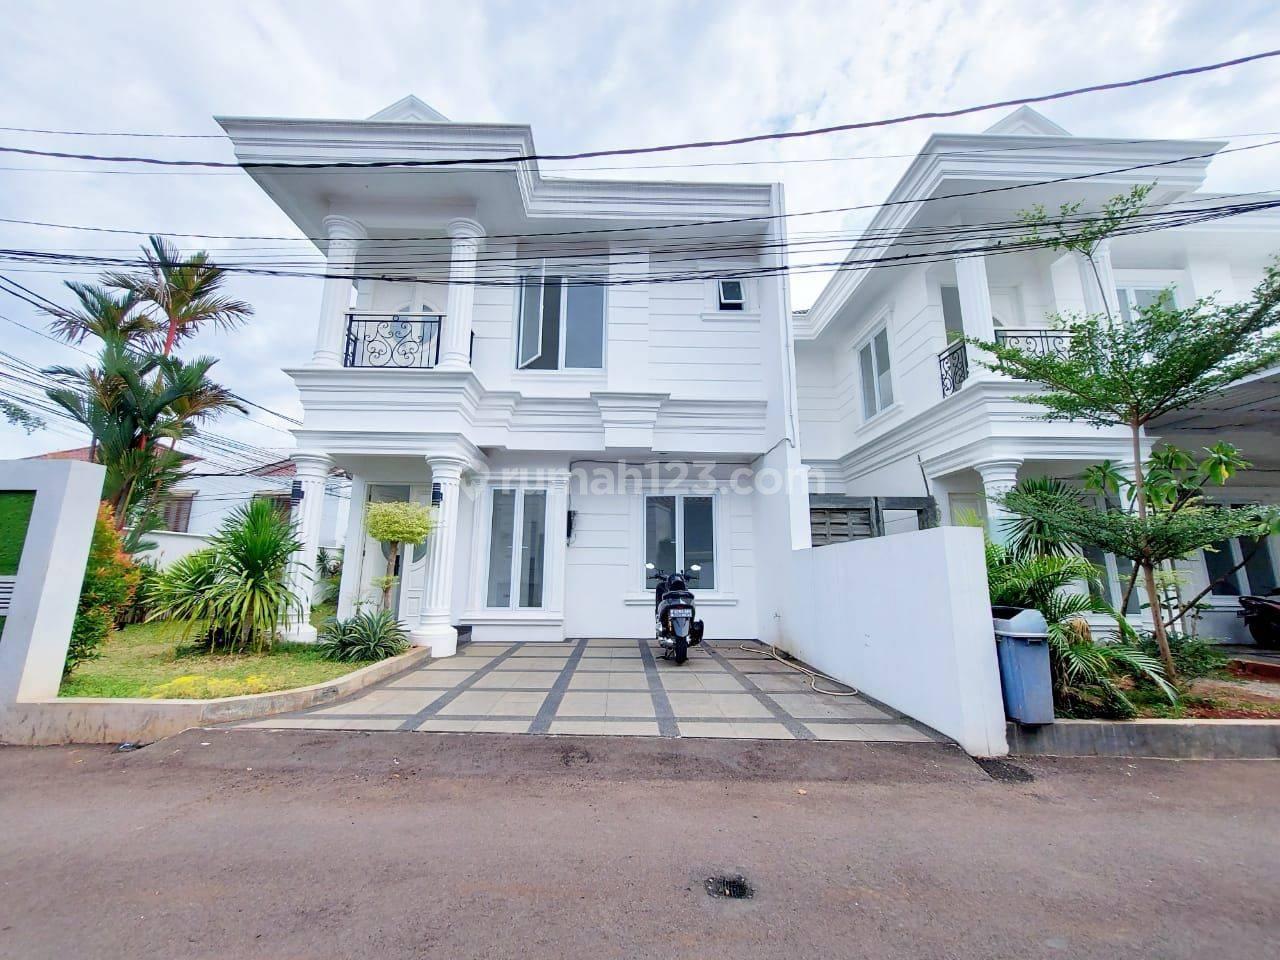 Rumah Baru Dalam Cluster Siap Huni Strategis Di Pejaten Barat Jakarta Selatan